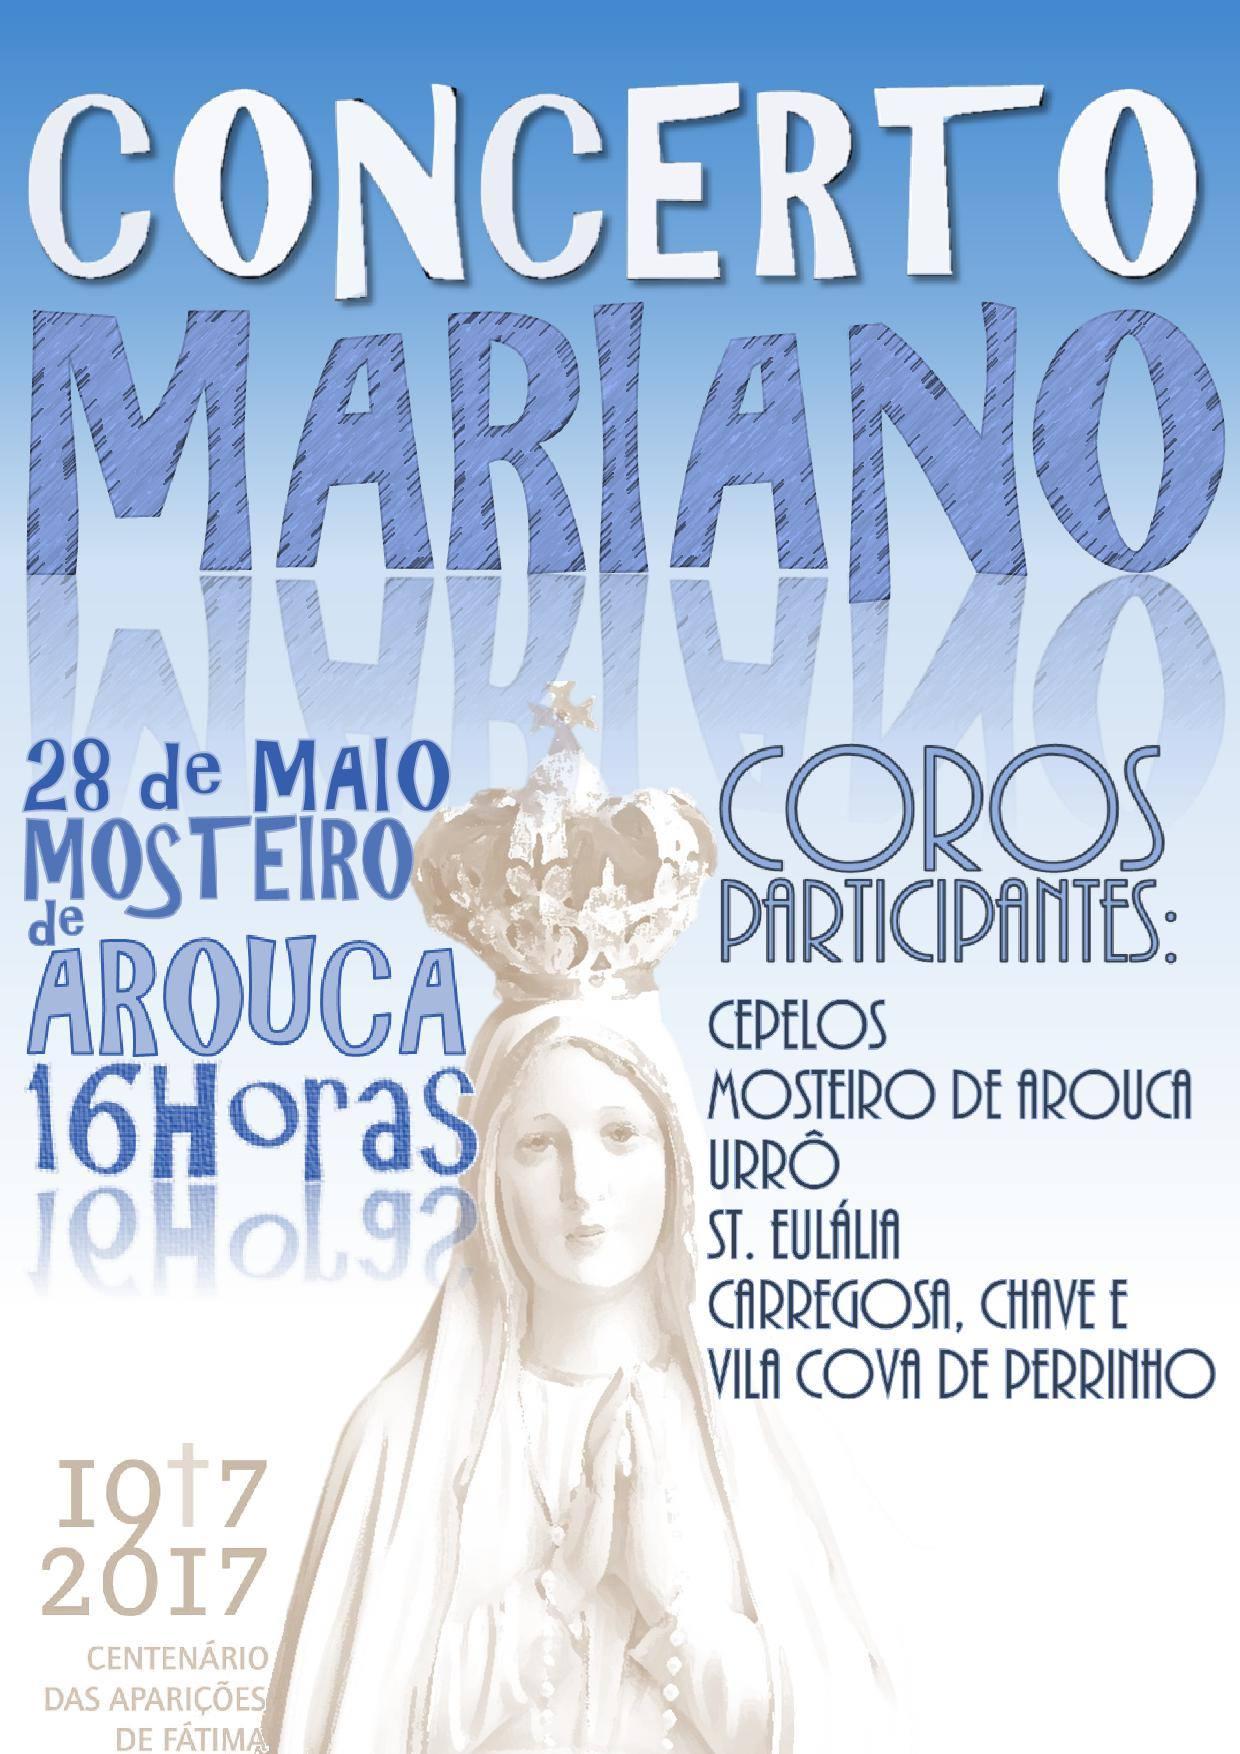 Concerto Mariano no Mosteiro de Arouca